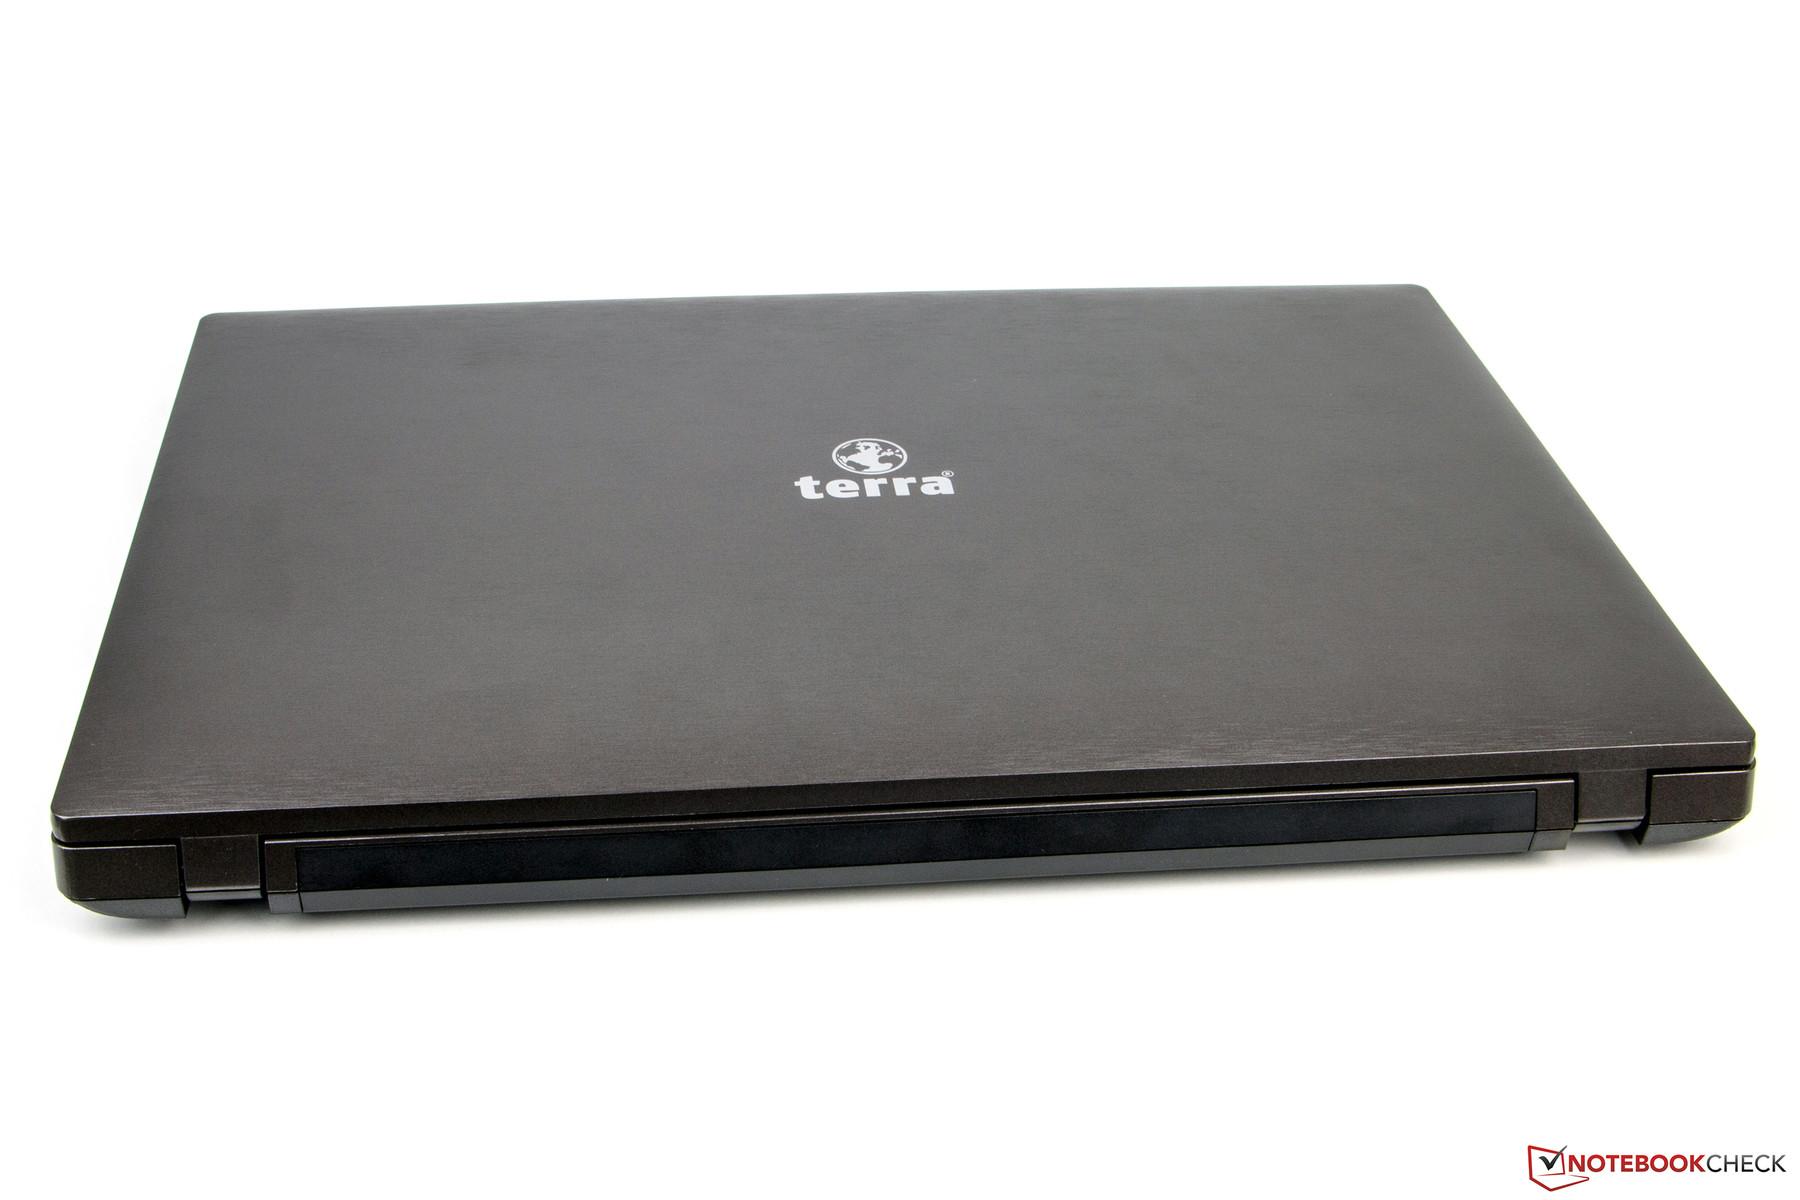 Betere Test Wortmann Terra Mobile 1529H Notebook - Notebookcheck.com Tests NK-06